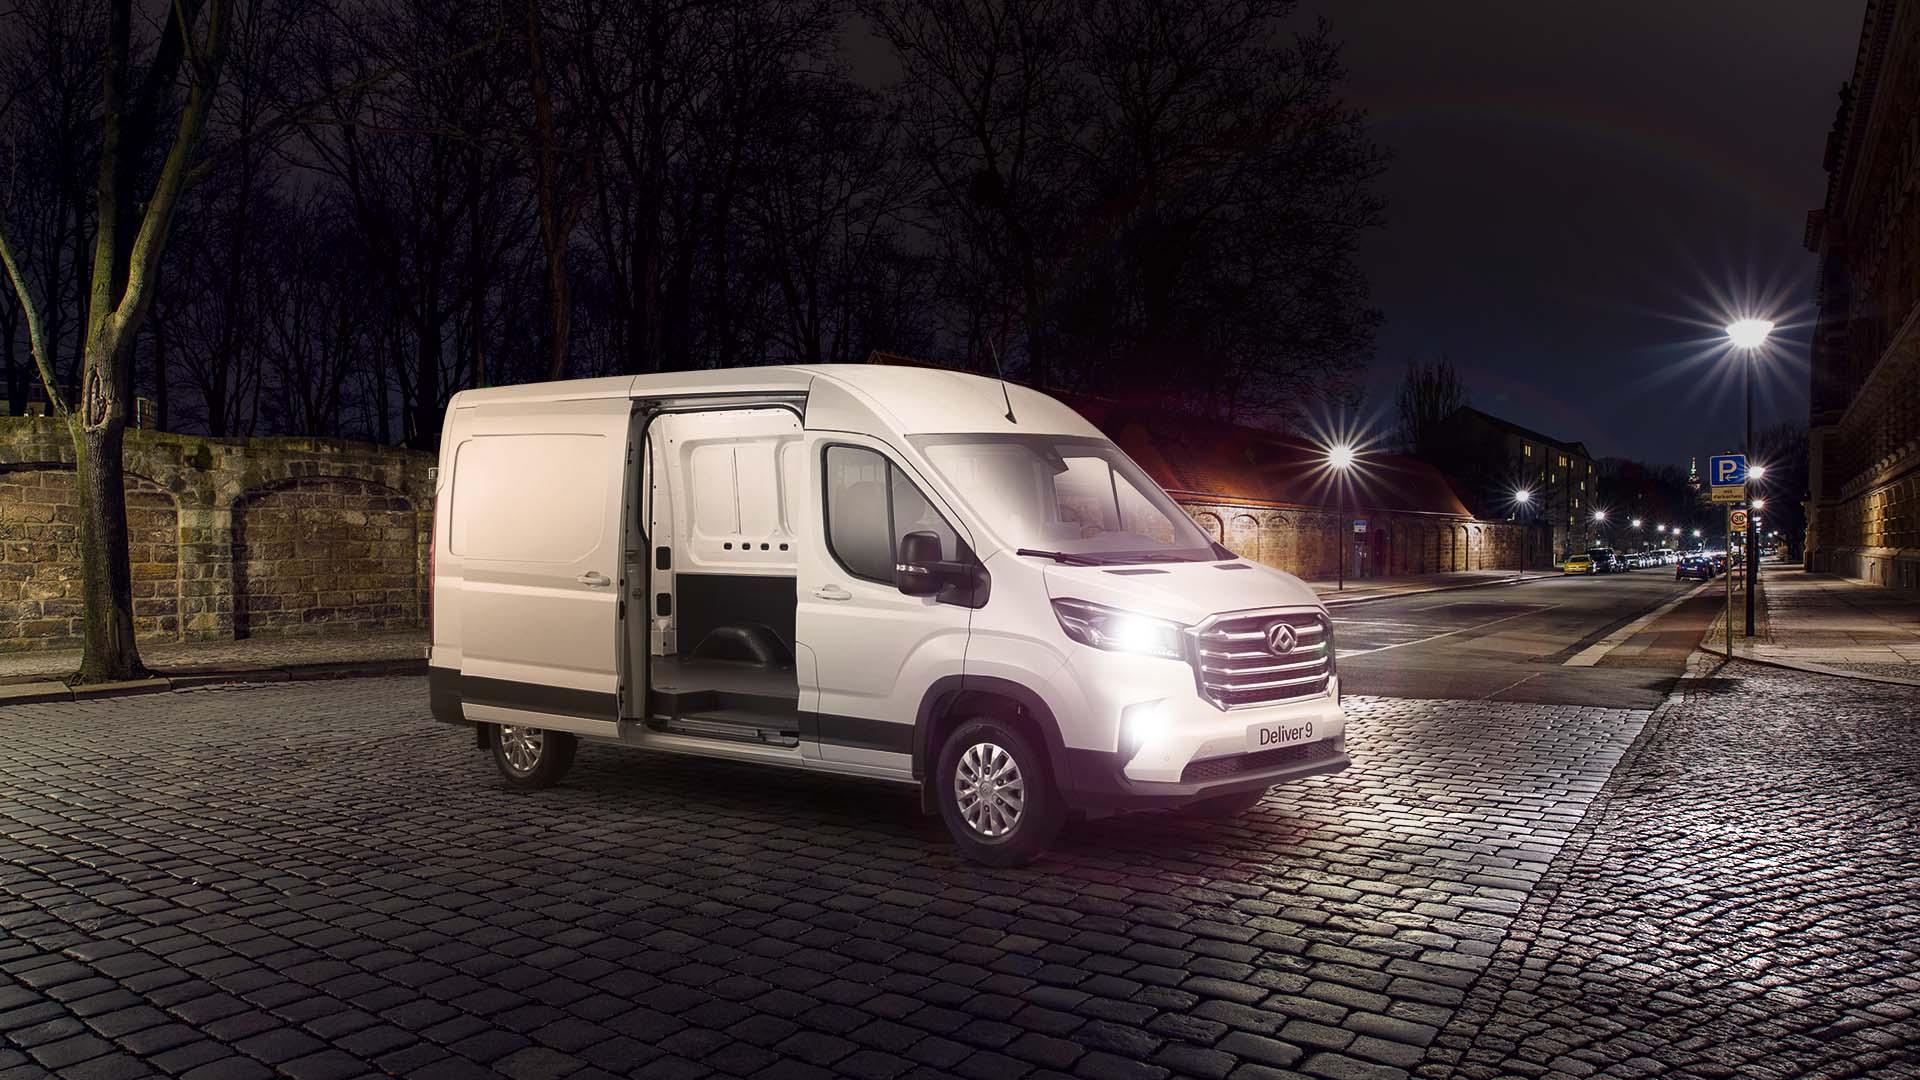 Maxus Deliver 9 günstig bei Preckel Automobile